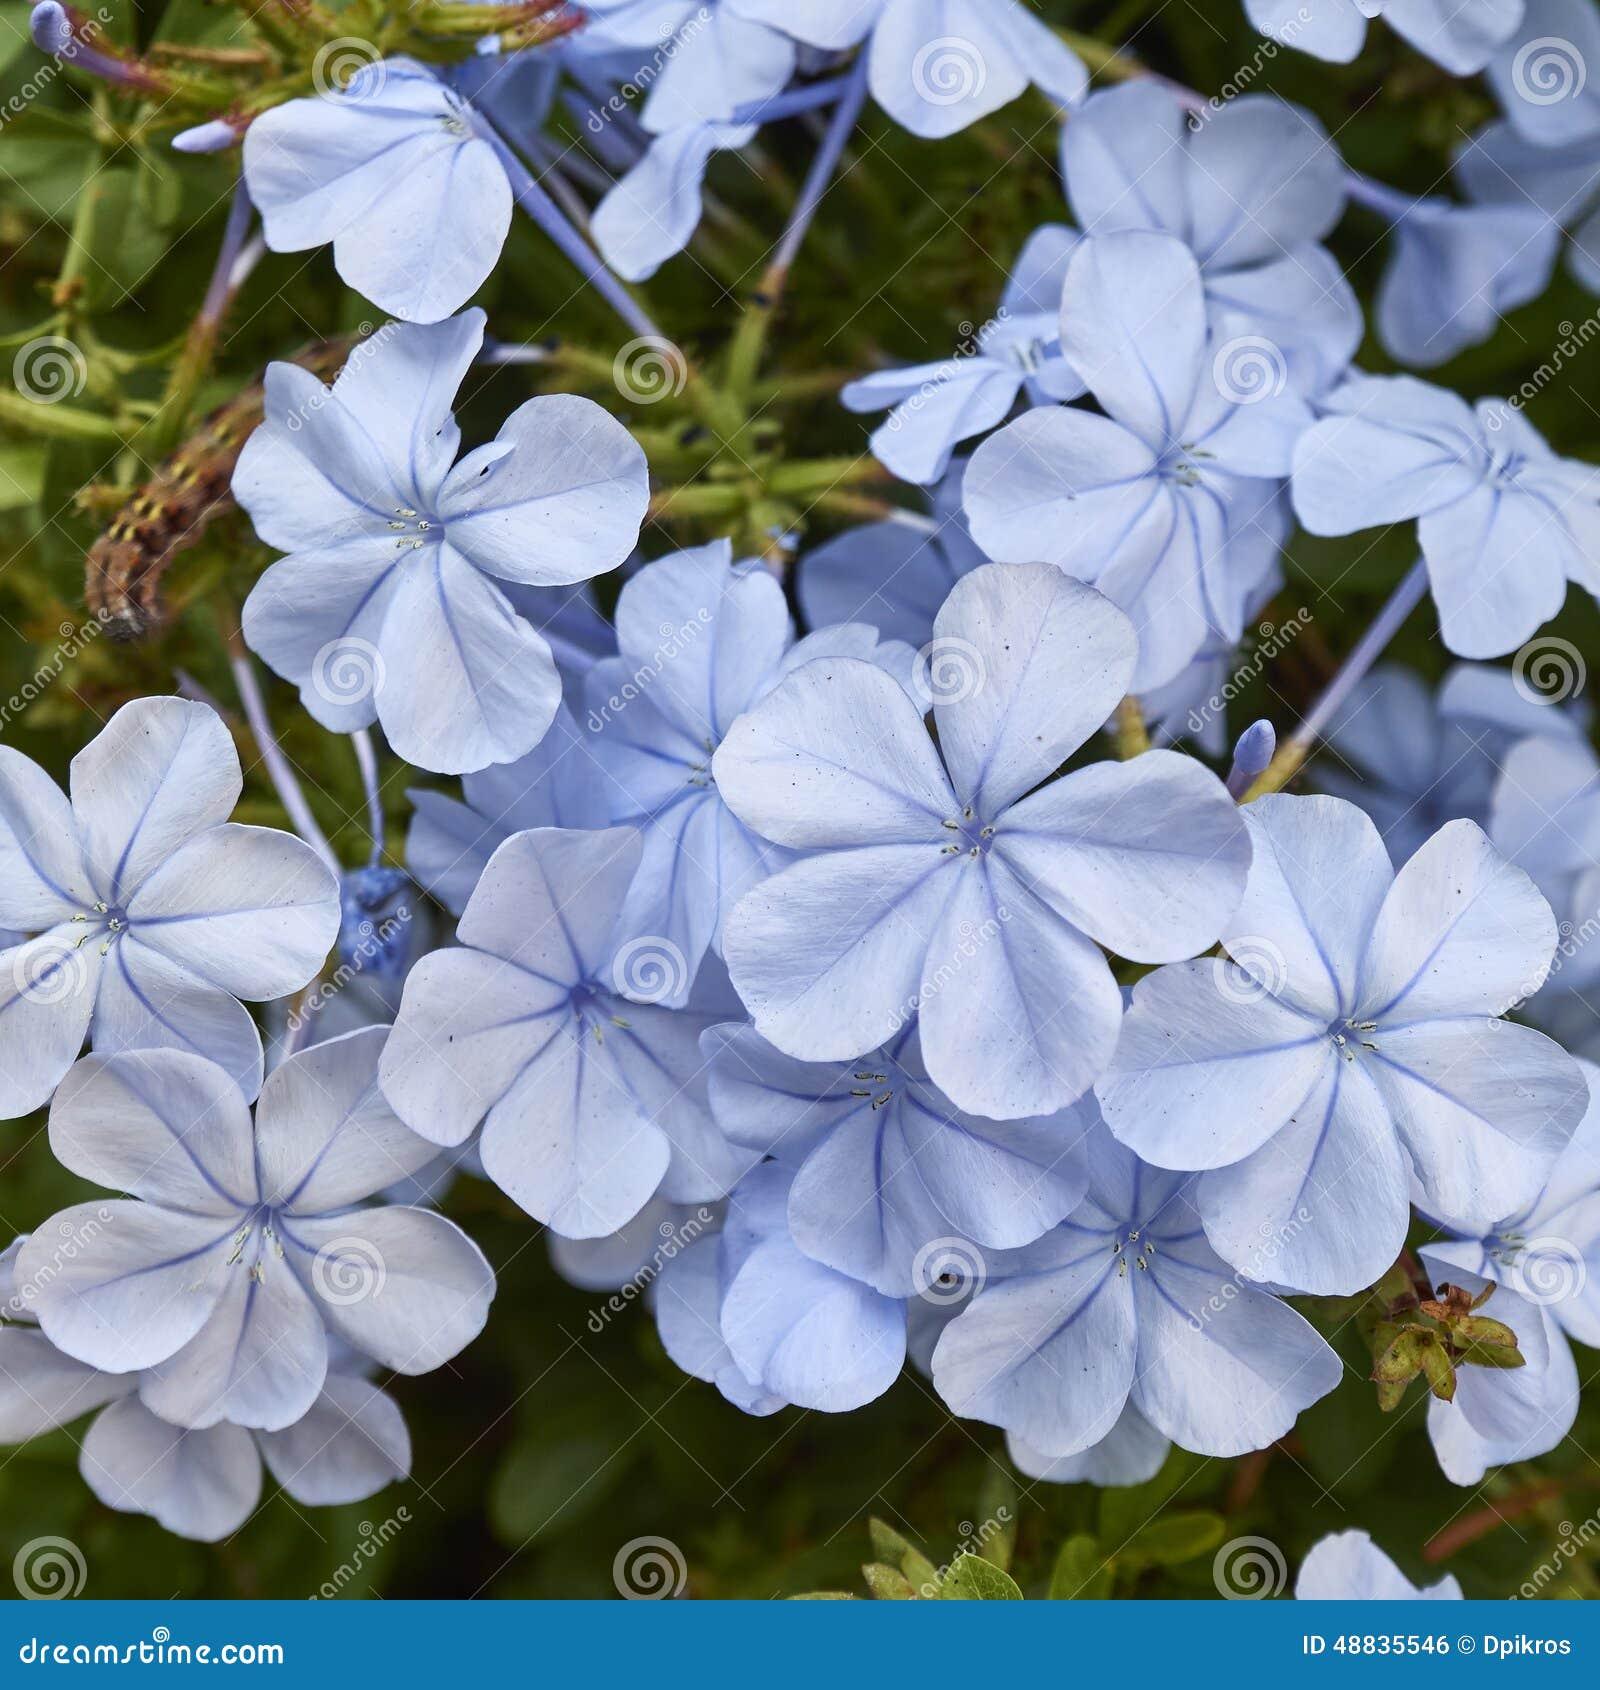 Light blue jasmine flowers bouquet closeup stock photo image of light blue jasmine flowers bouquet closeup izmirmasajfo